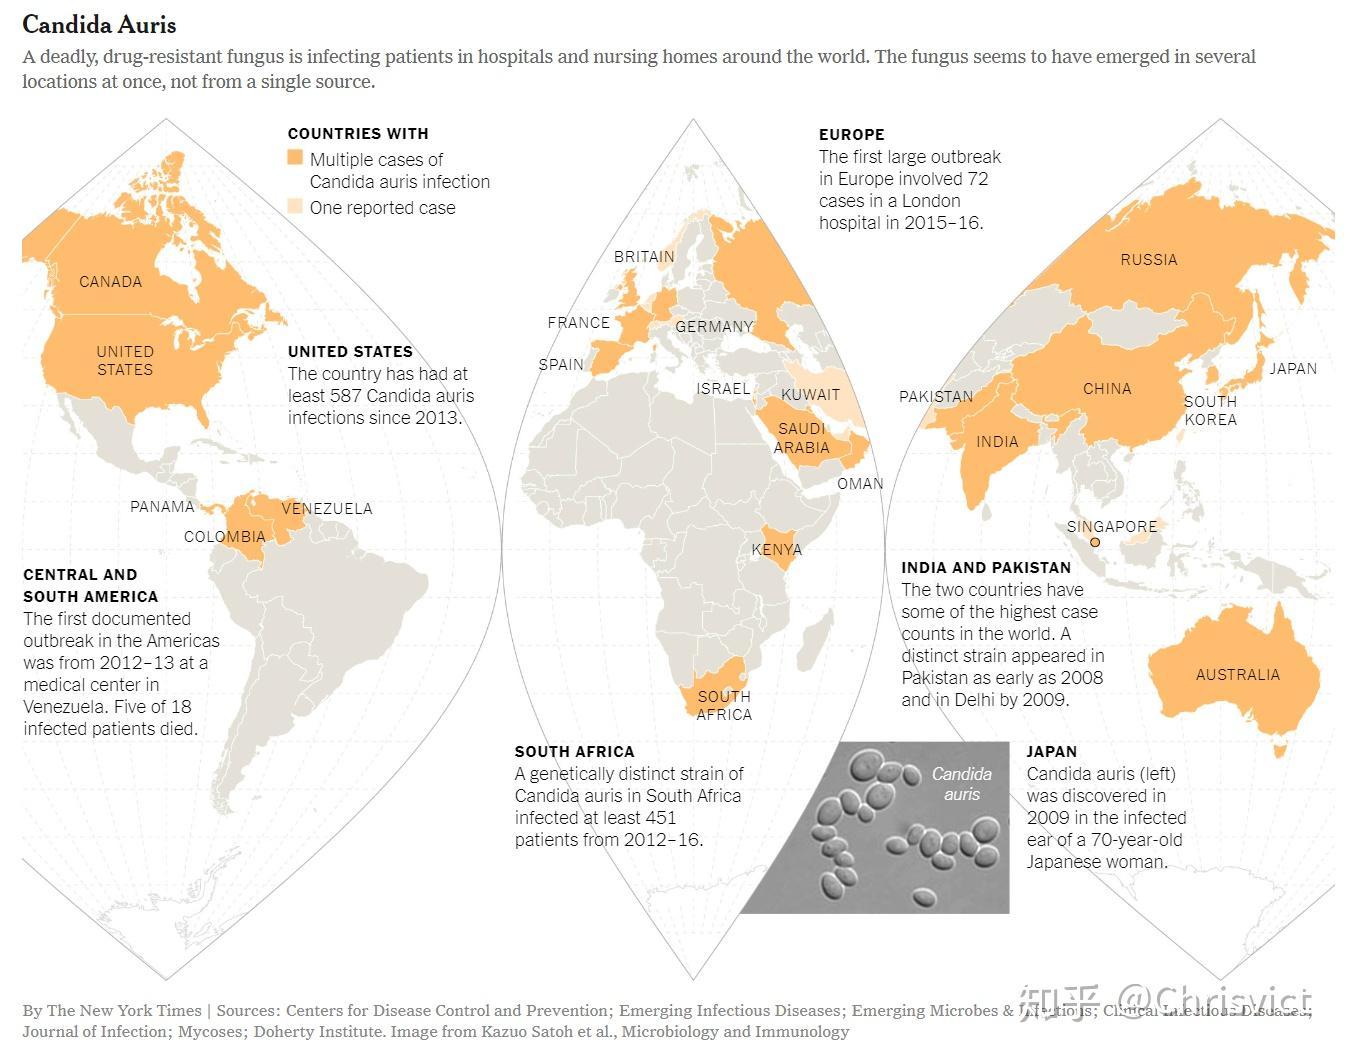 中国已有 18 例确认感染的「超级真菌」耳念珠